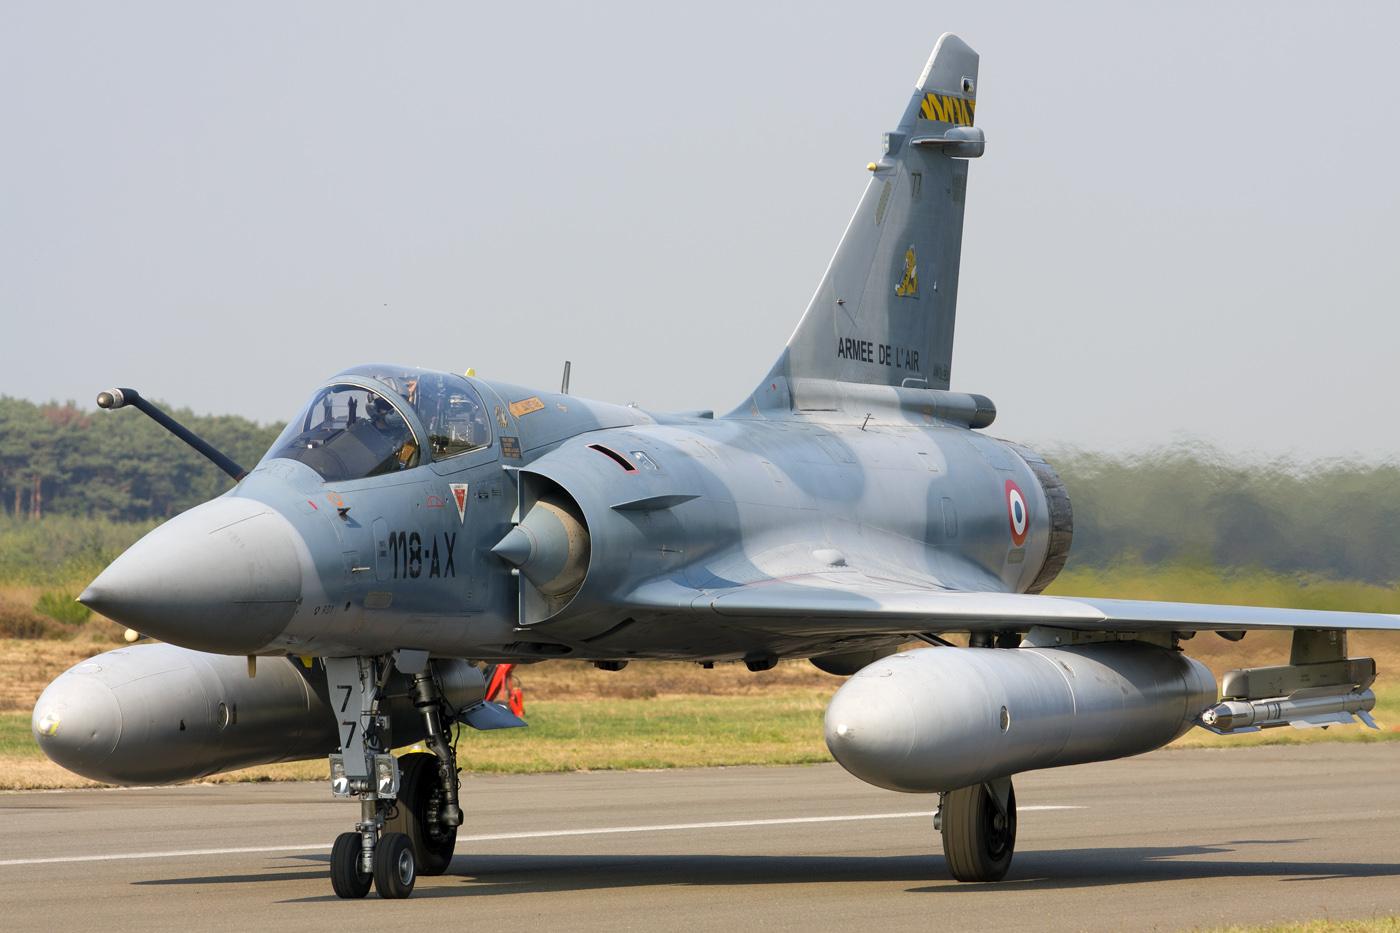 File:Mirage 2000 EC 5-330 (23733770274) (2) jpg - Wikimedia